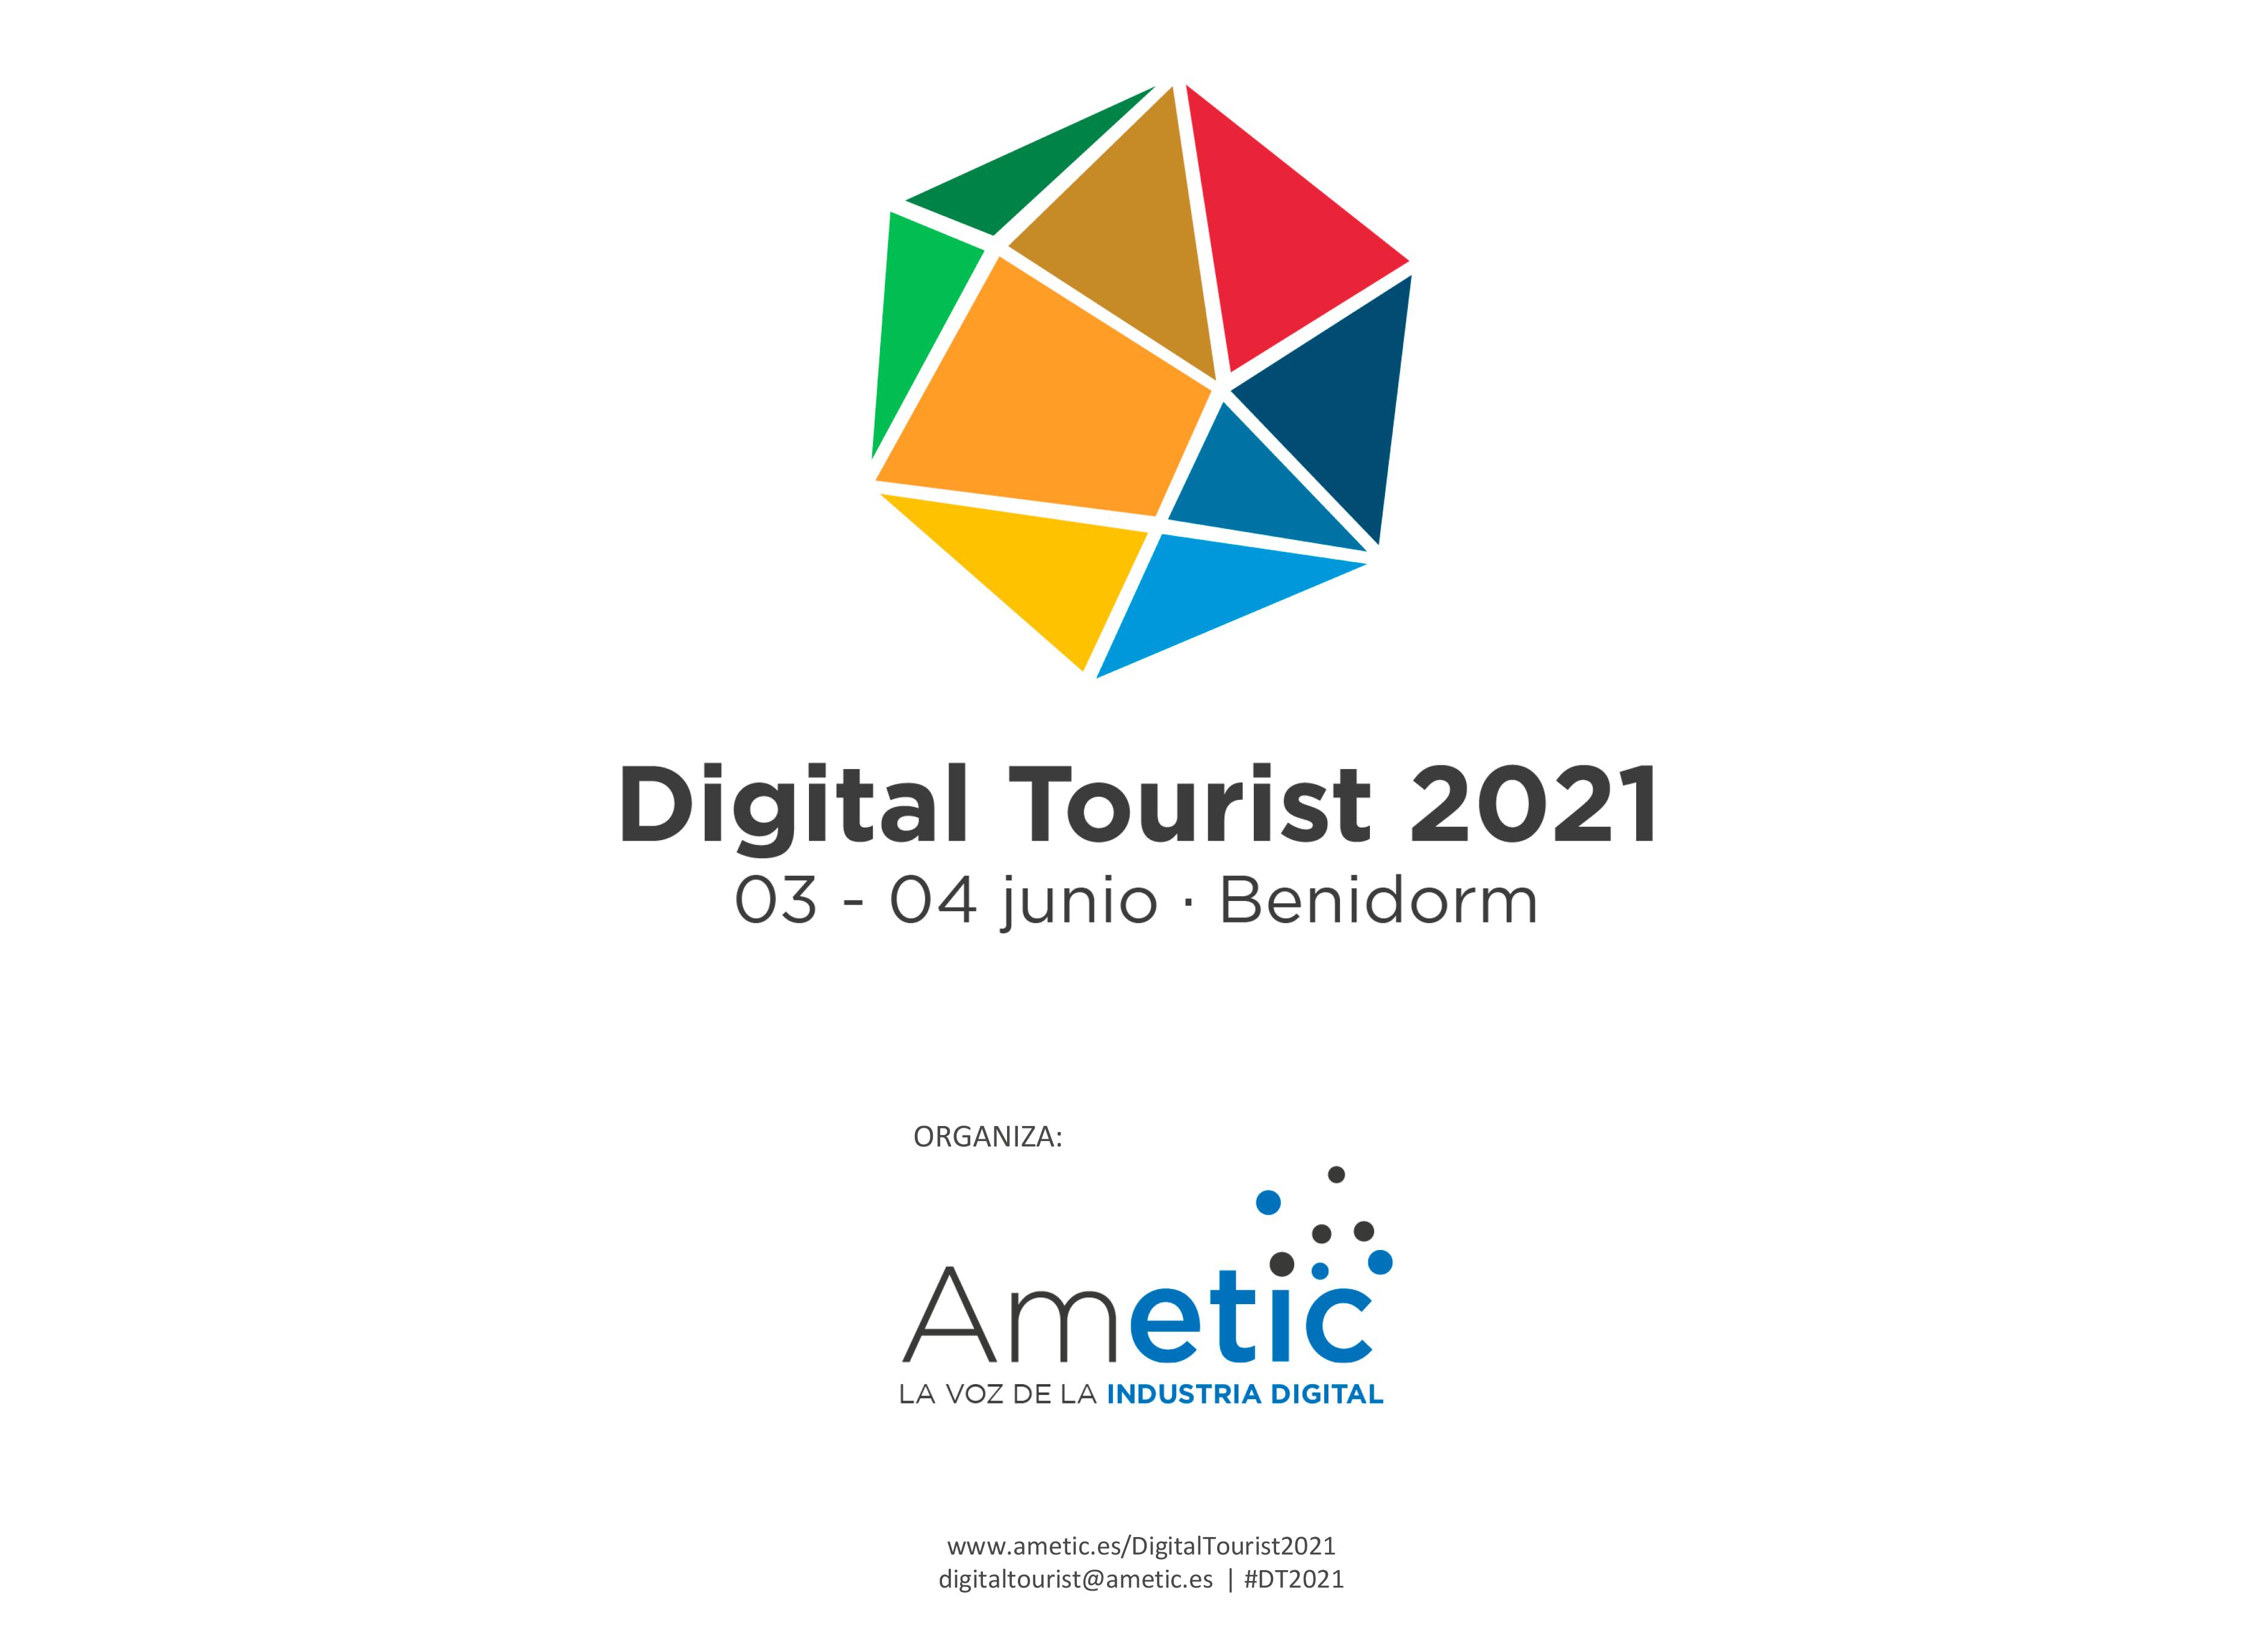 1millionbot está presente en el congreso Digital Tourist 2021 de Benidorm hasta el 4 de junio